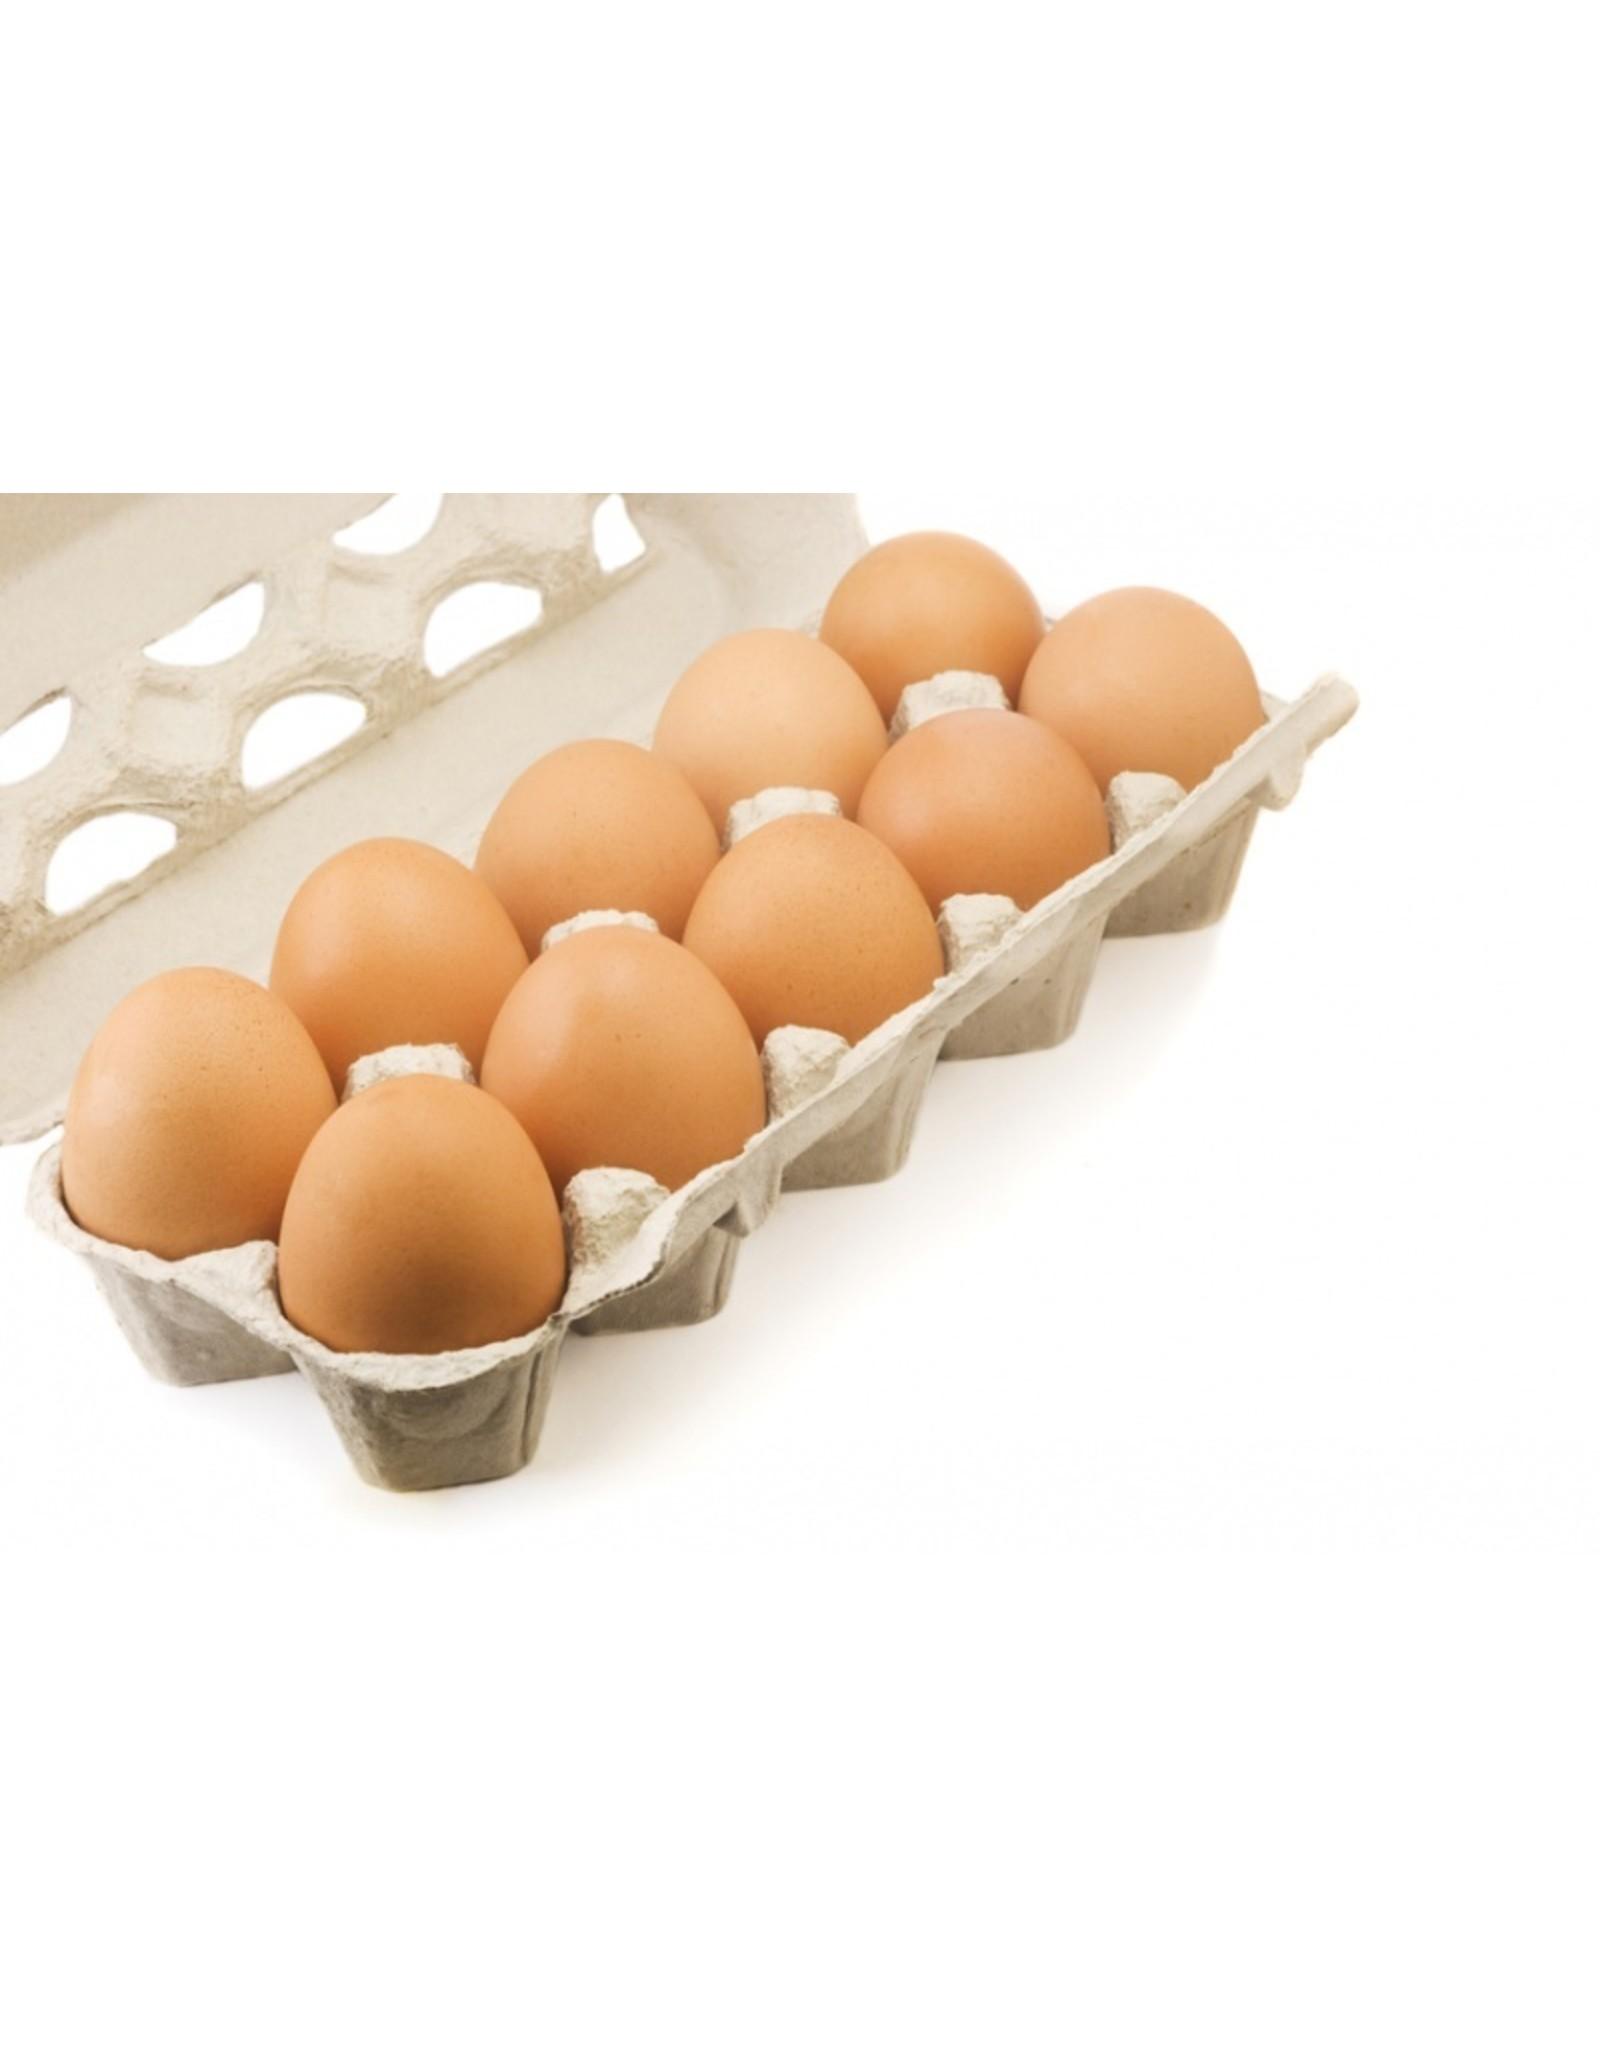 Doosje eieren 10 stuks